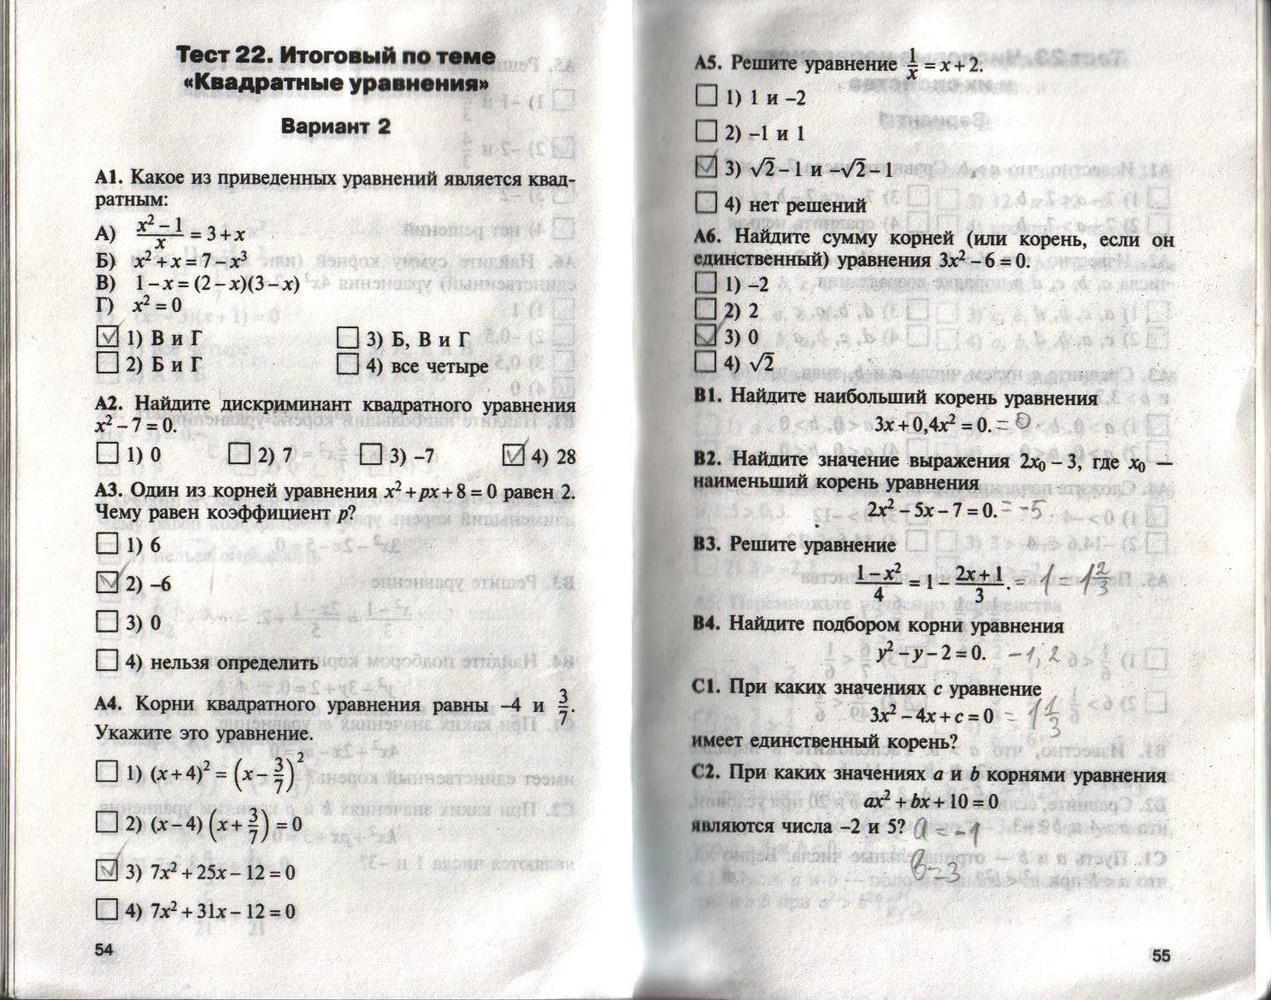 ГДЗ по алгебре класс Черноруцкий контрольно измерительные   54 55